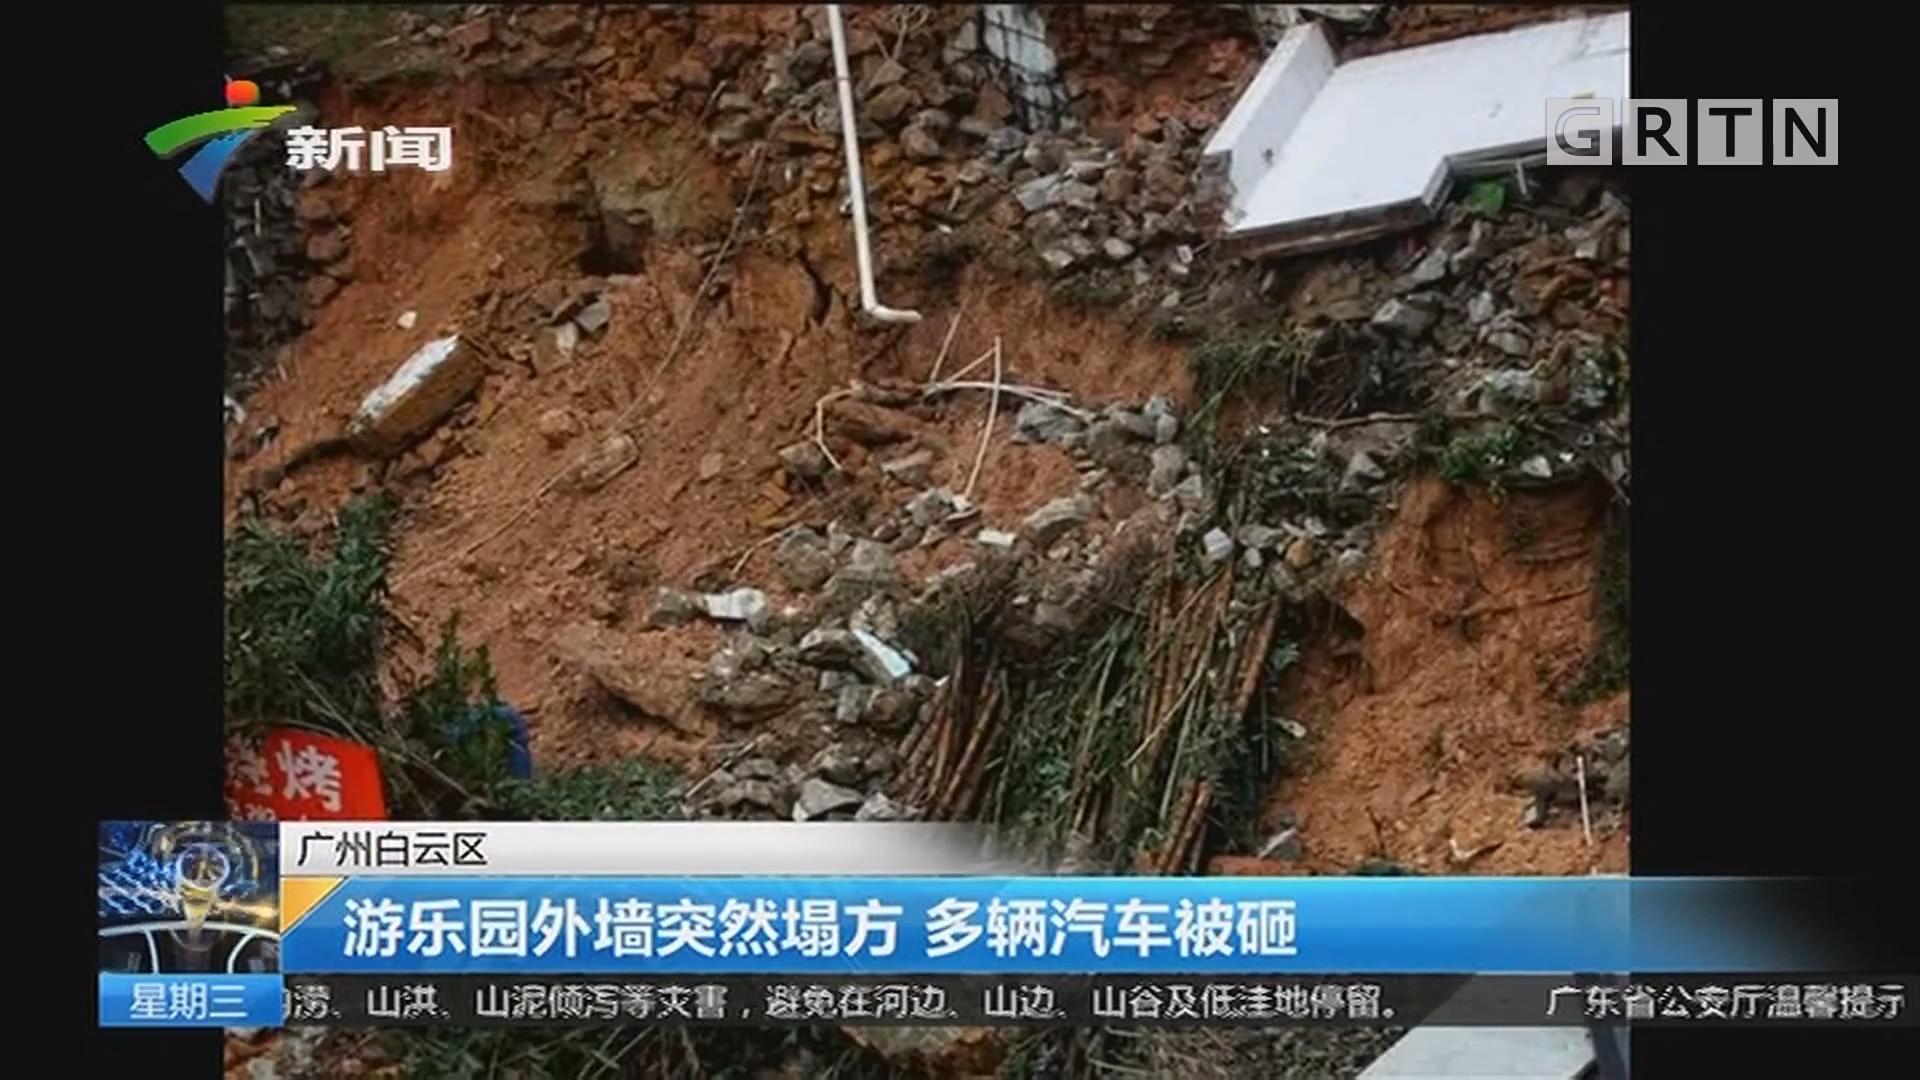 广州白云区:游乐园外墙突然塌方 多辆汽车被砸